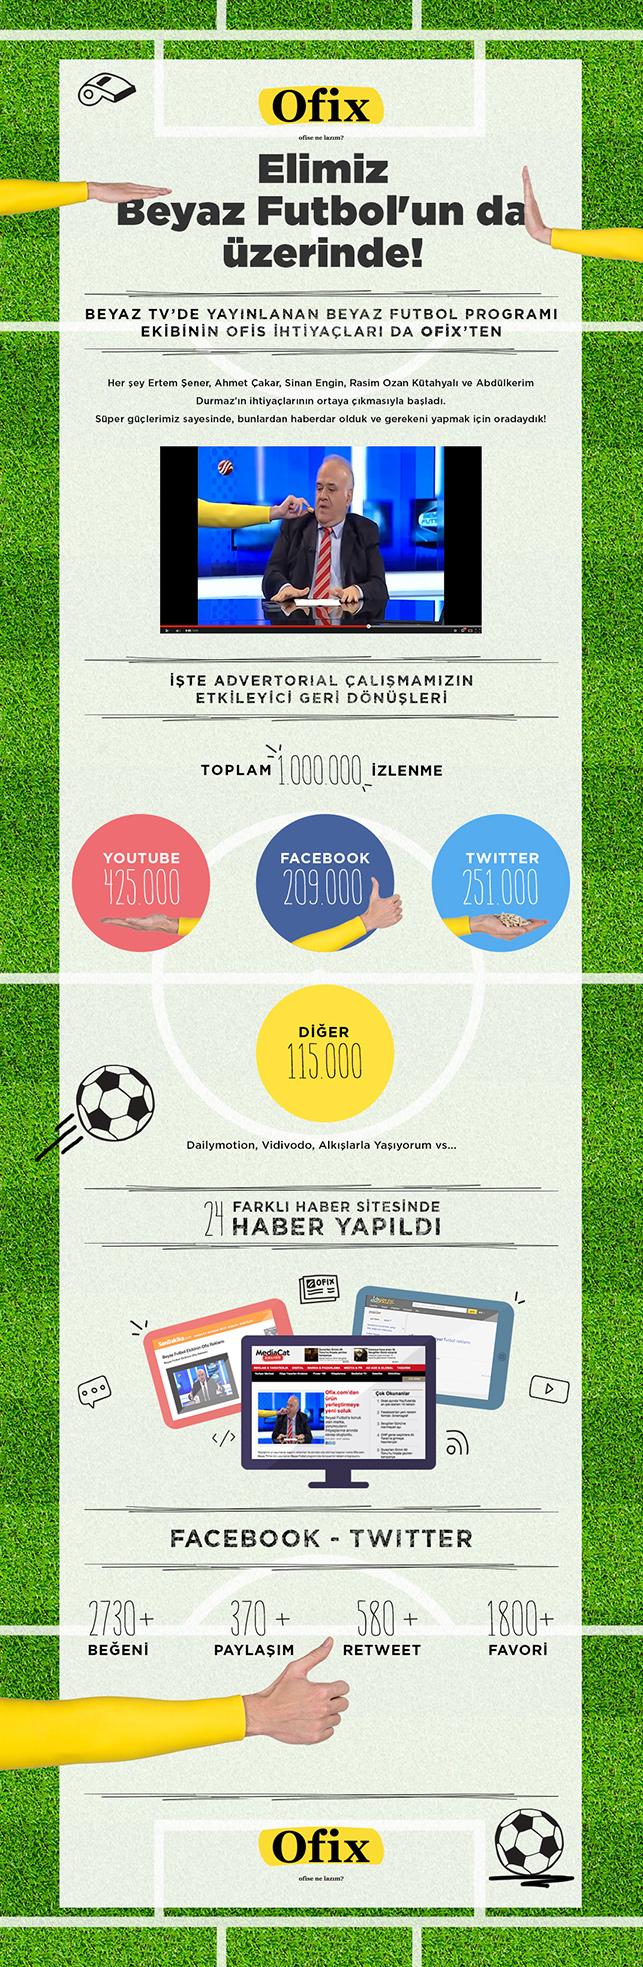 Beyaz Futbol-Ofix.com birlikteliğinin sonuçları